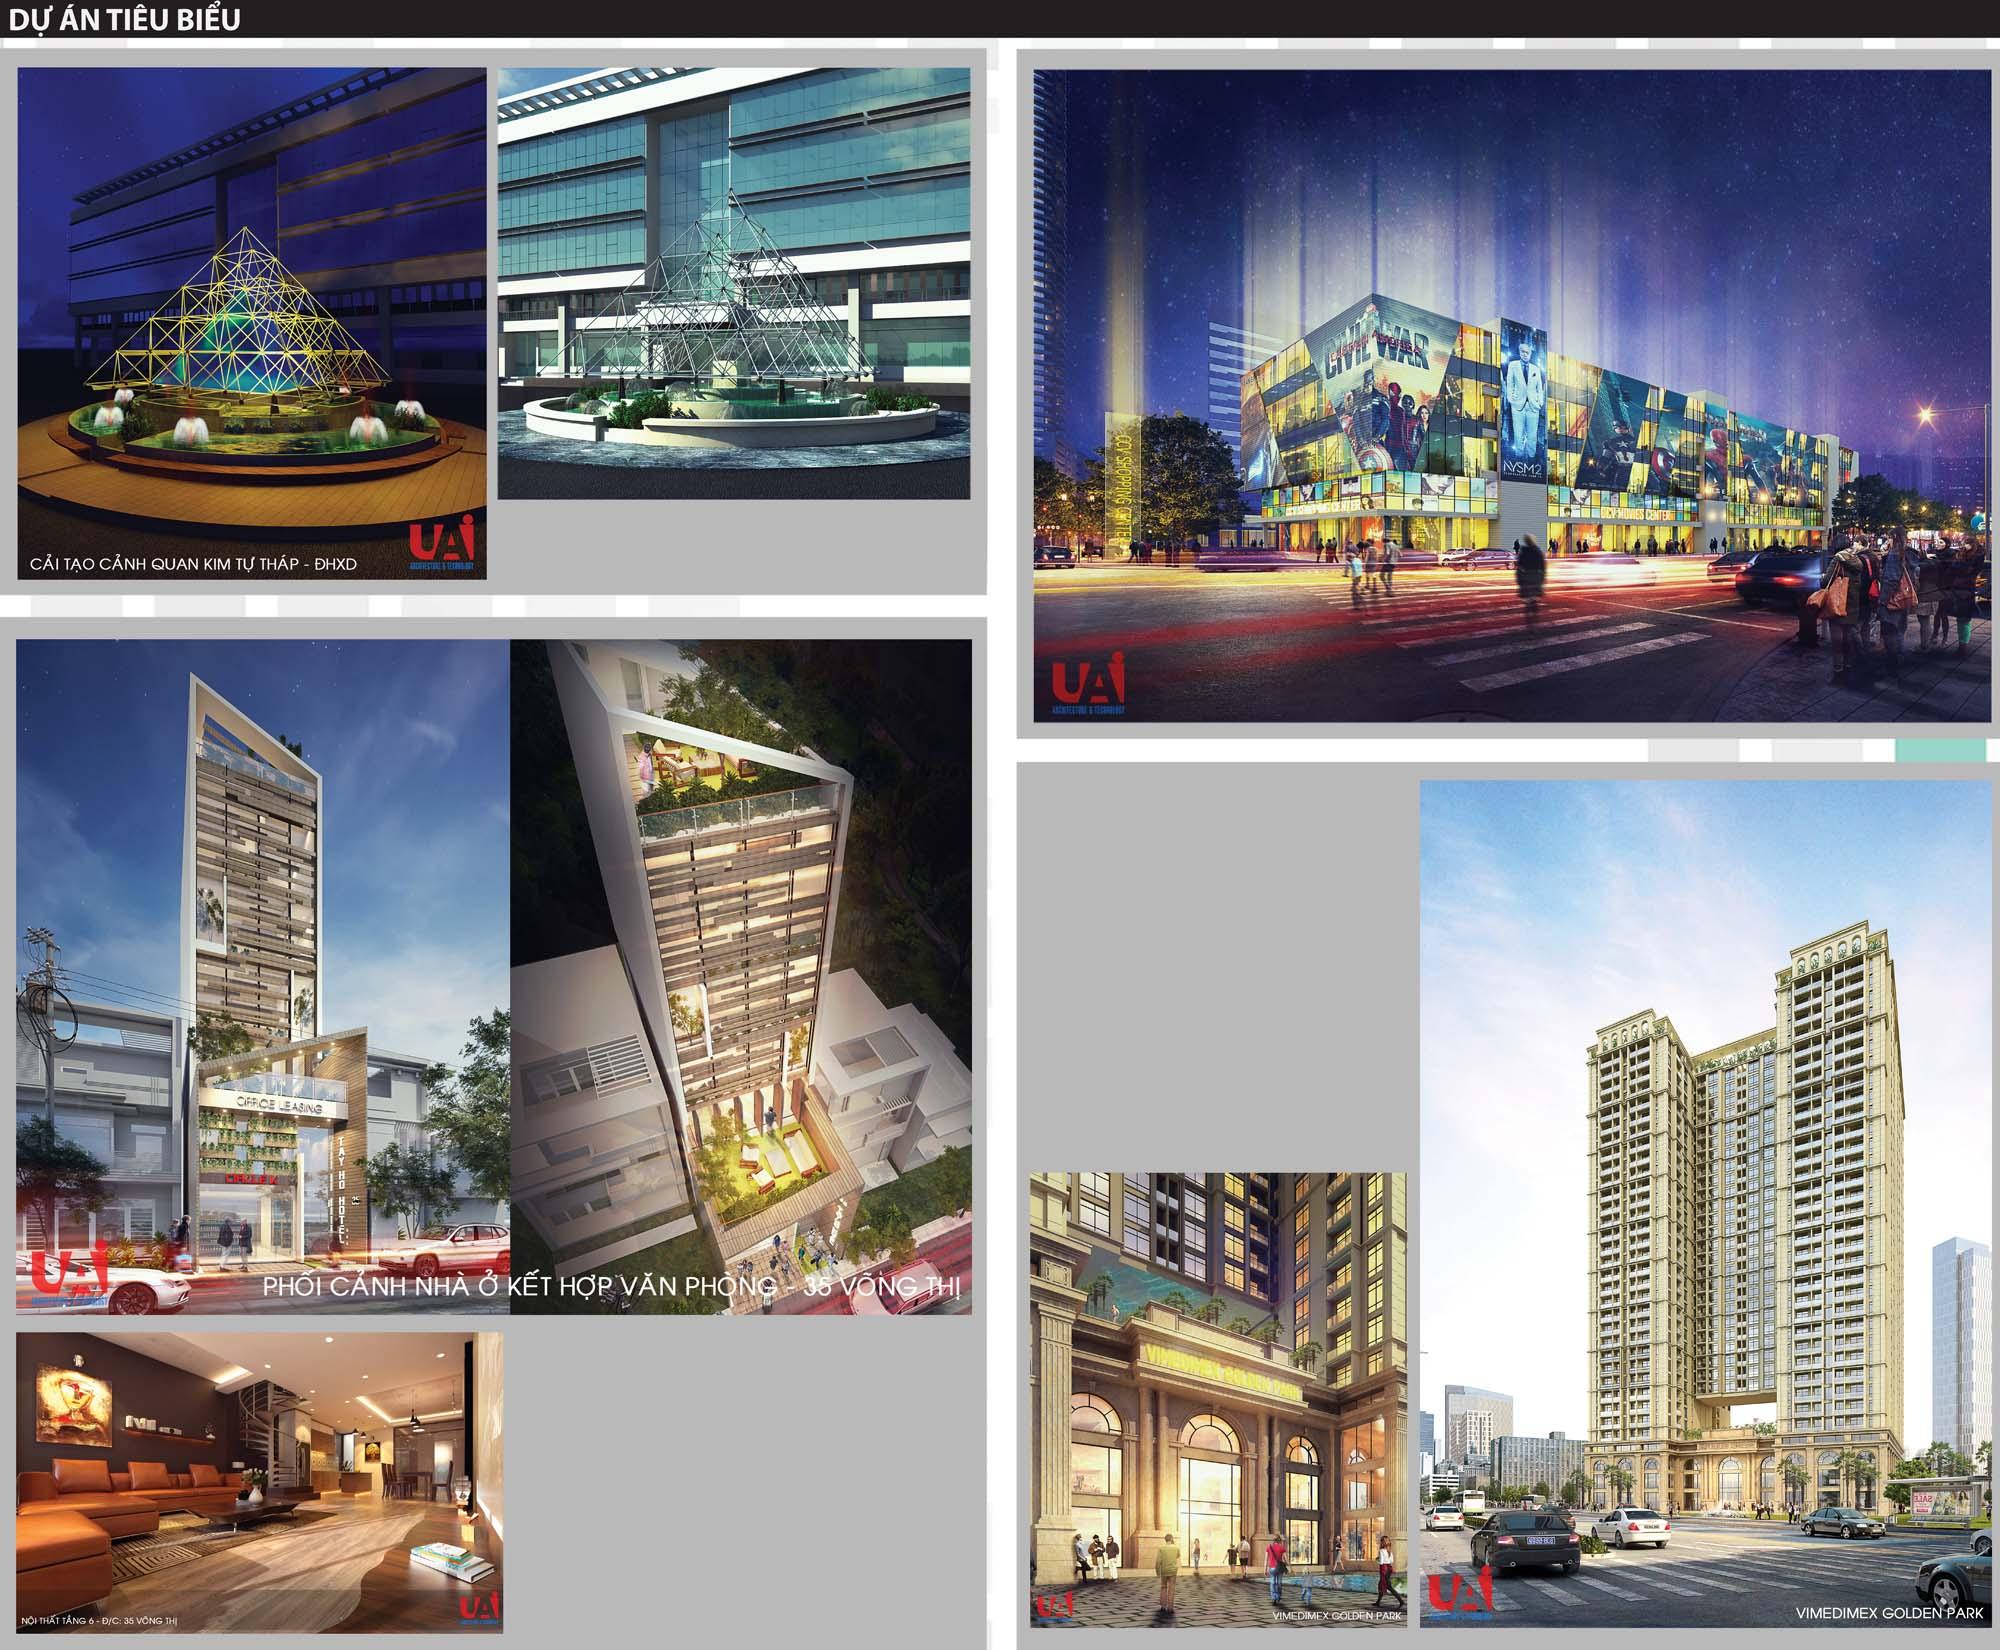 Dự án tiêu biểu của phòng kiến trúc và công nghệ (KT4)